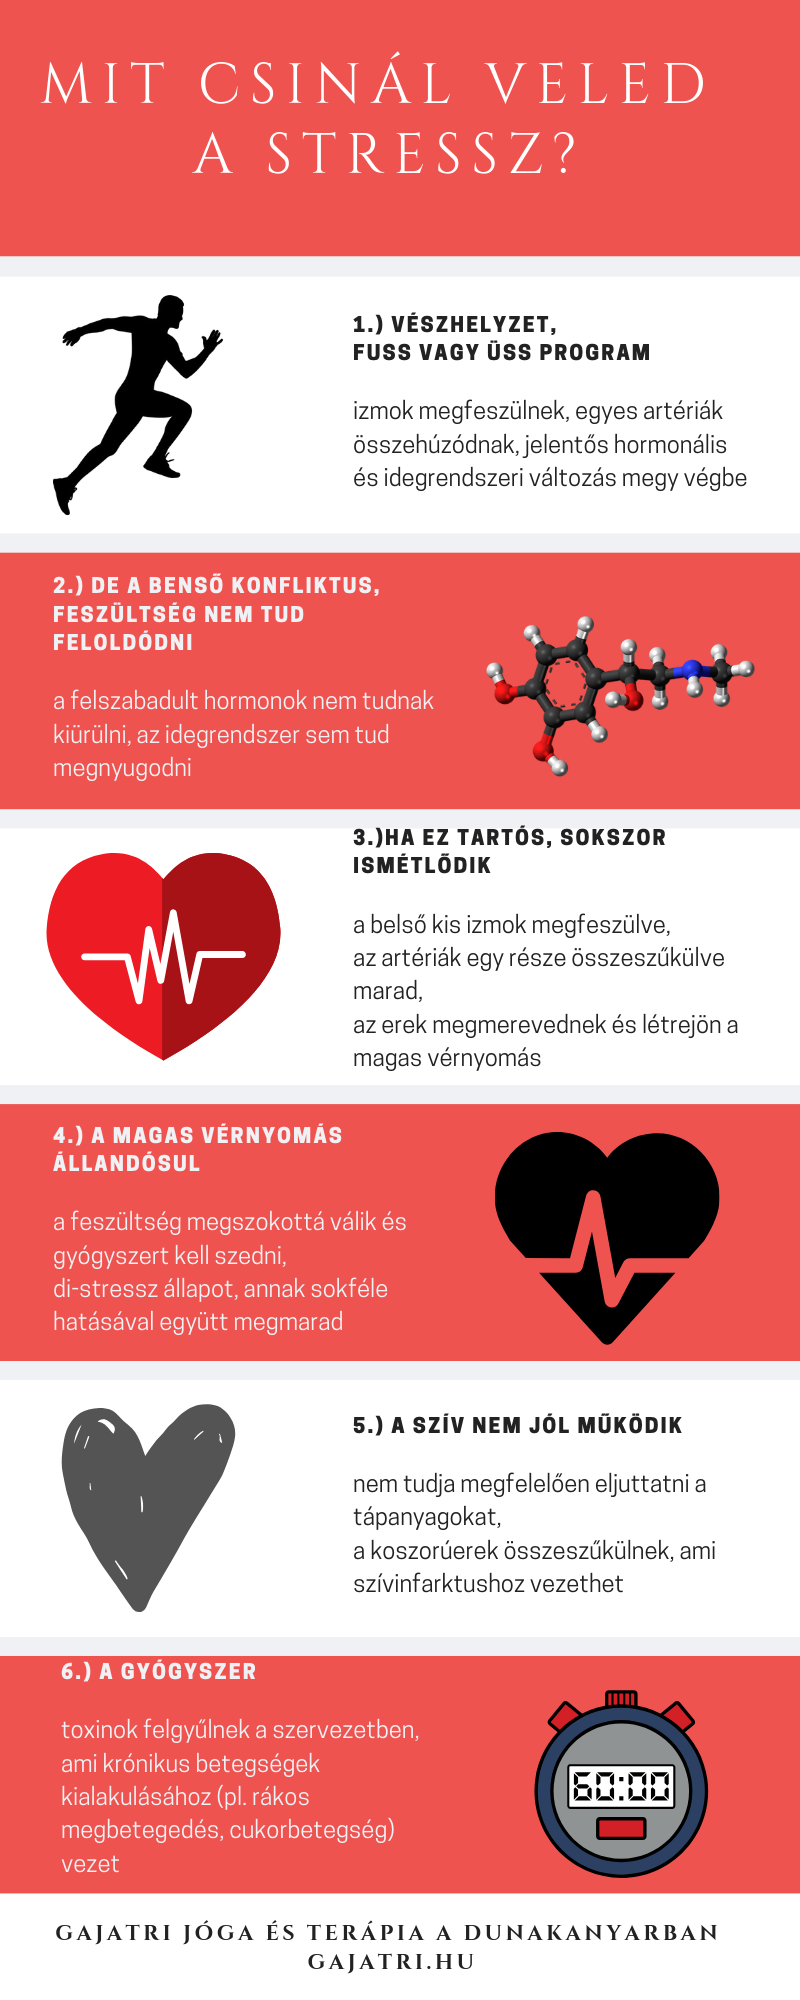 eglonil magas vérnyomás ellen magas vérnyomás gyógyszeres kezelése időseknél